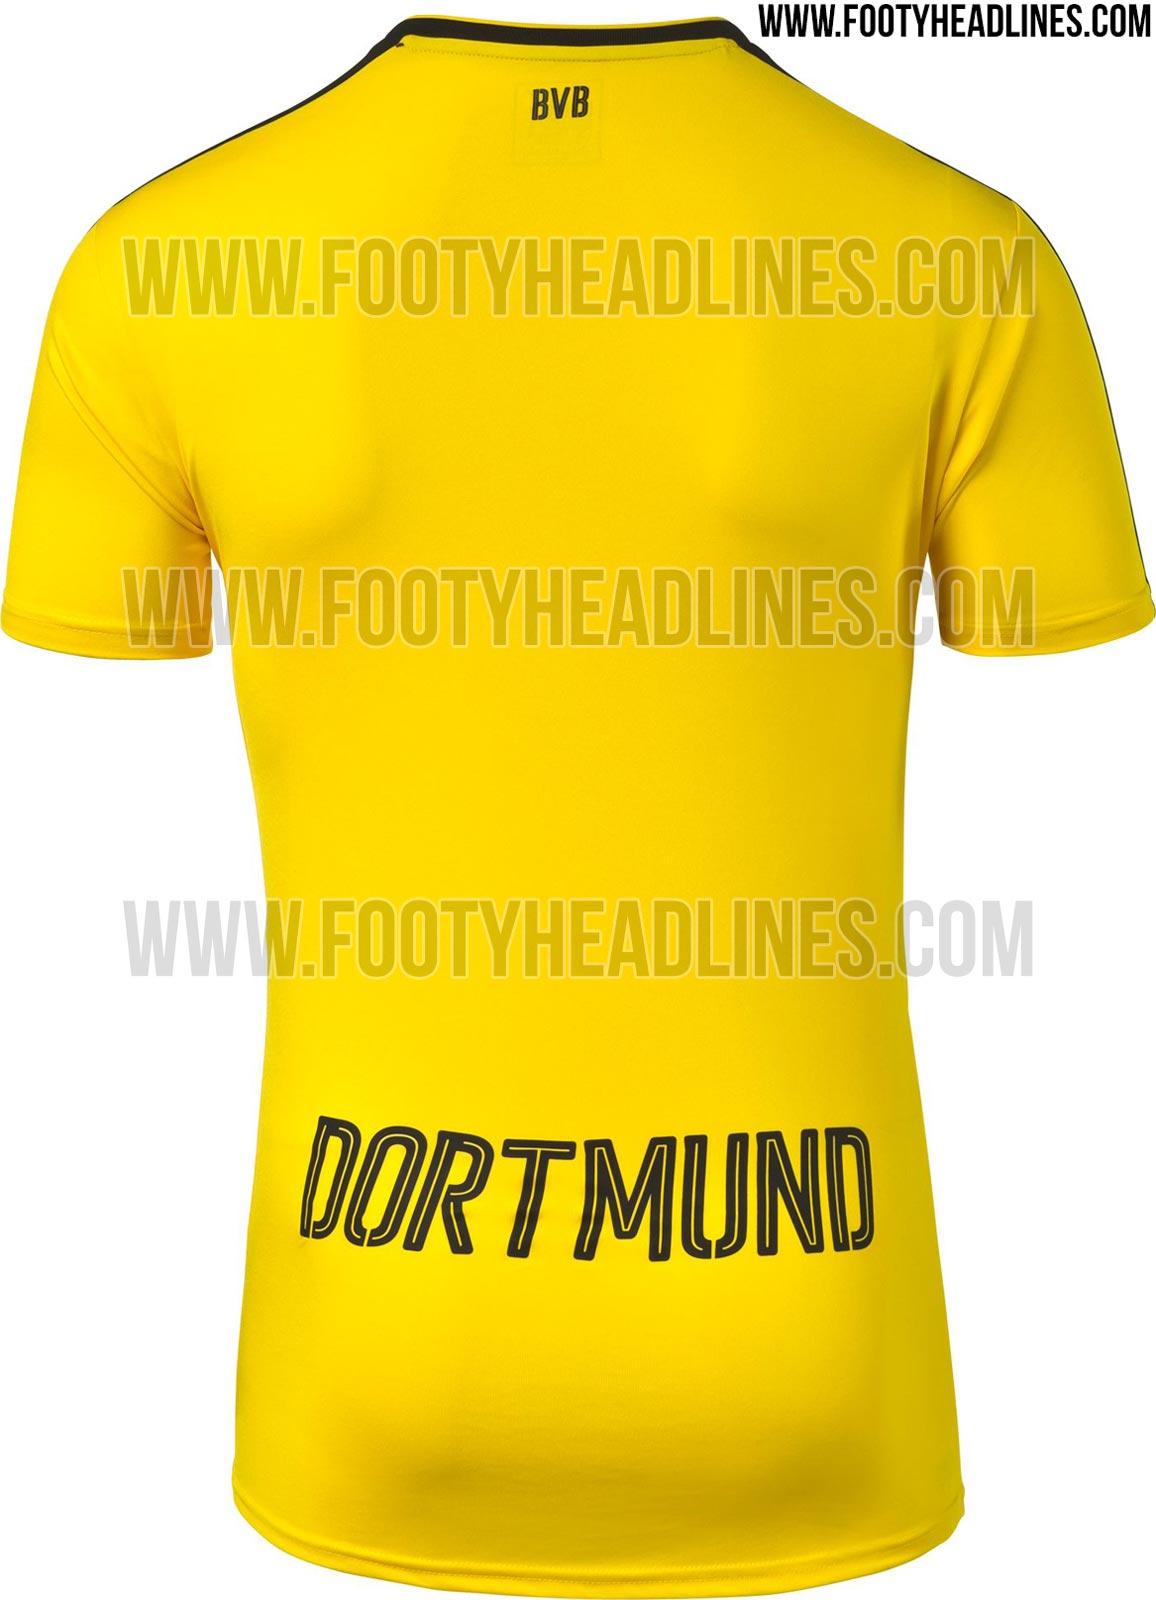 nike foamposite galaxie - Borussia Dortmund 16-17 Kit Released - Footy Headlines